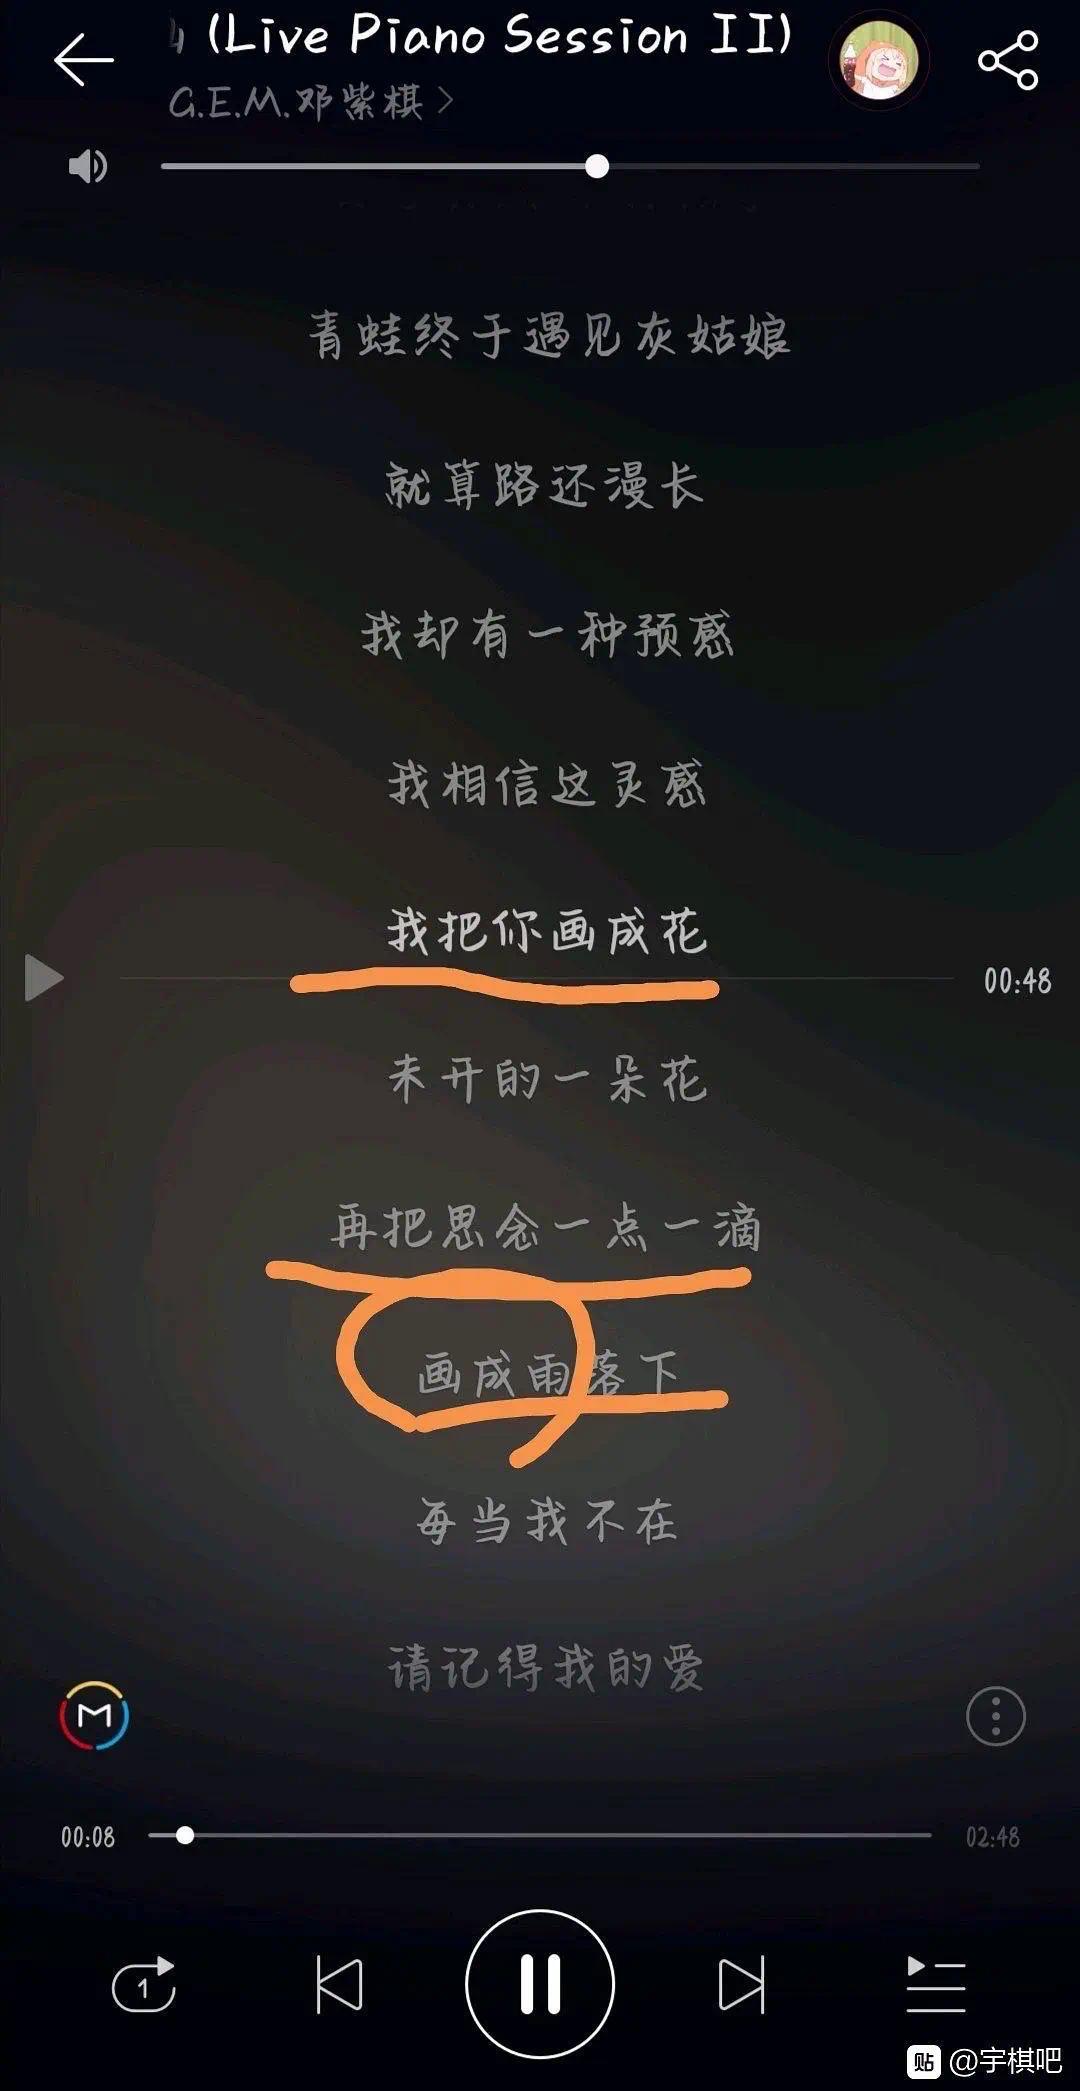 """明晃晃内涵?邓紫棋新歌处处暗示华晨宇""""渣男""""?"""